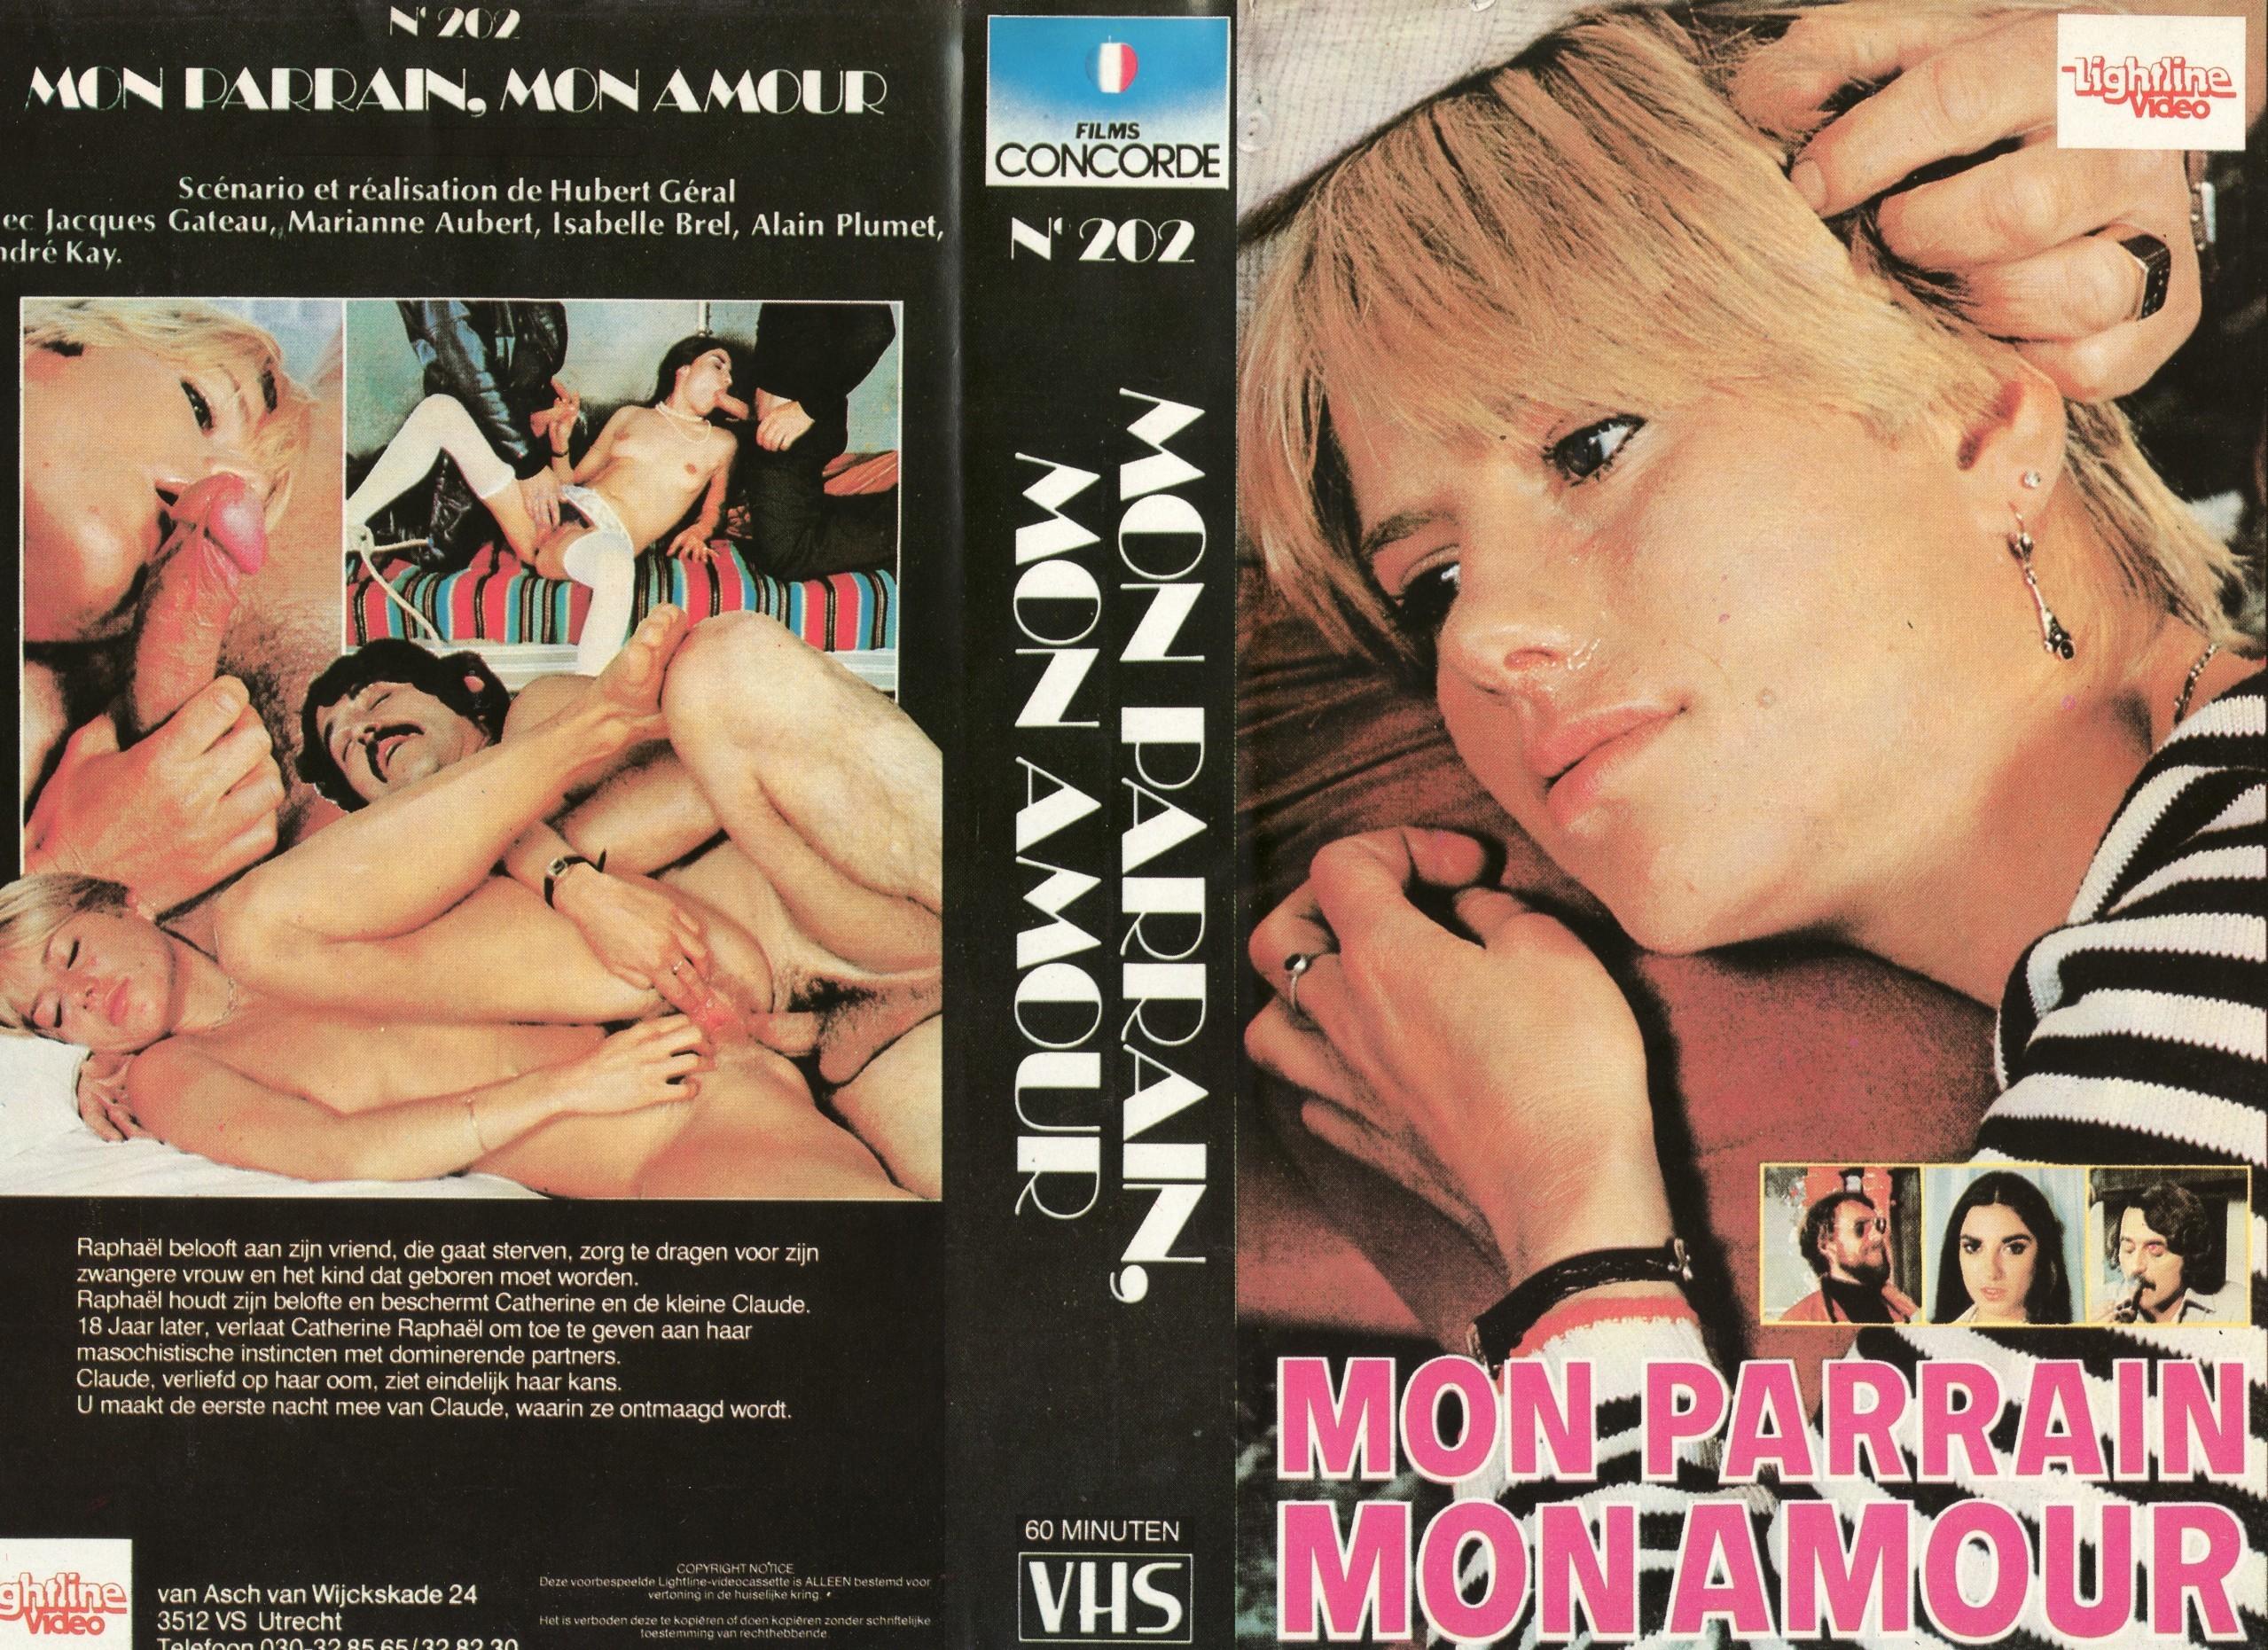 Peliculas Porno Classic vintage porn poster porno movie gallery - xxxpicss